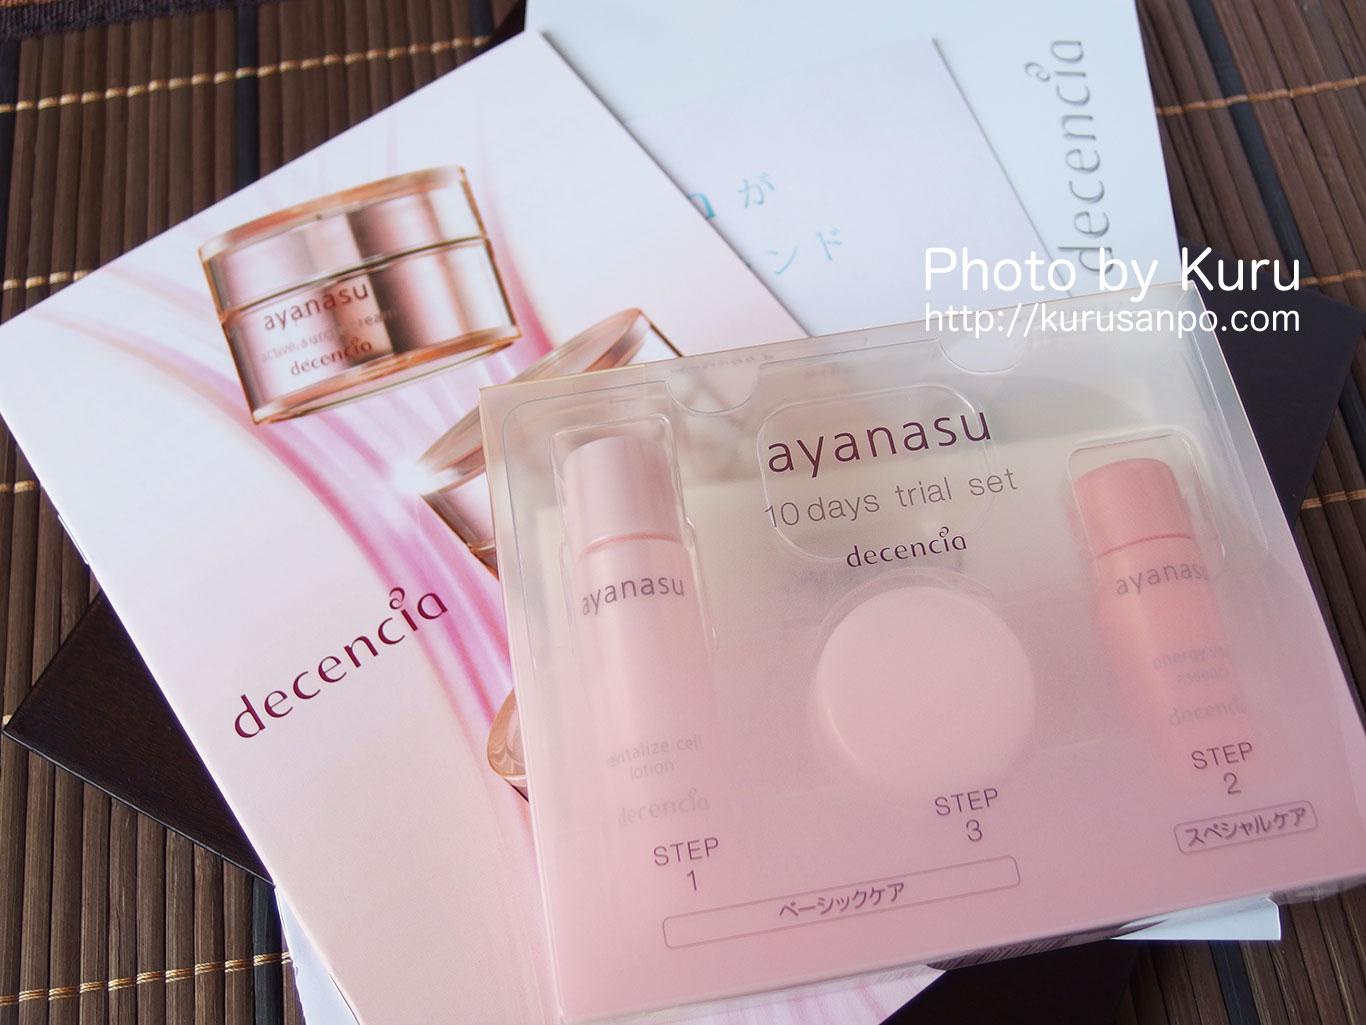 ayanasu(アヤナス) は敏感肌でも使えるエイジングケアコスメです♪